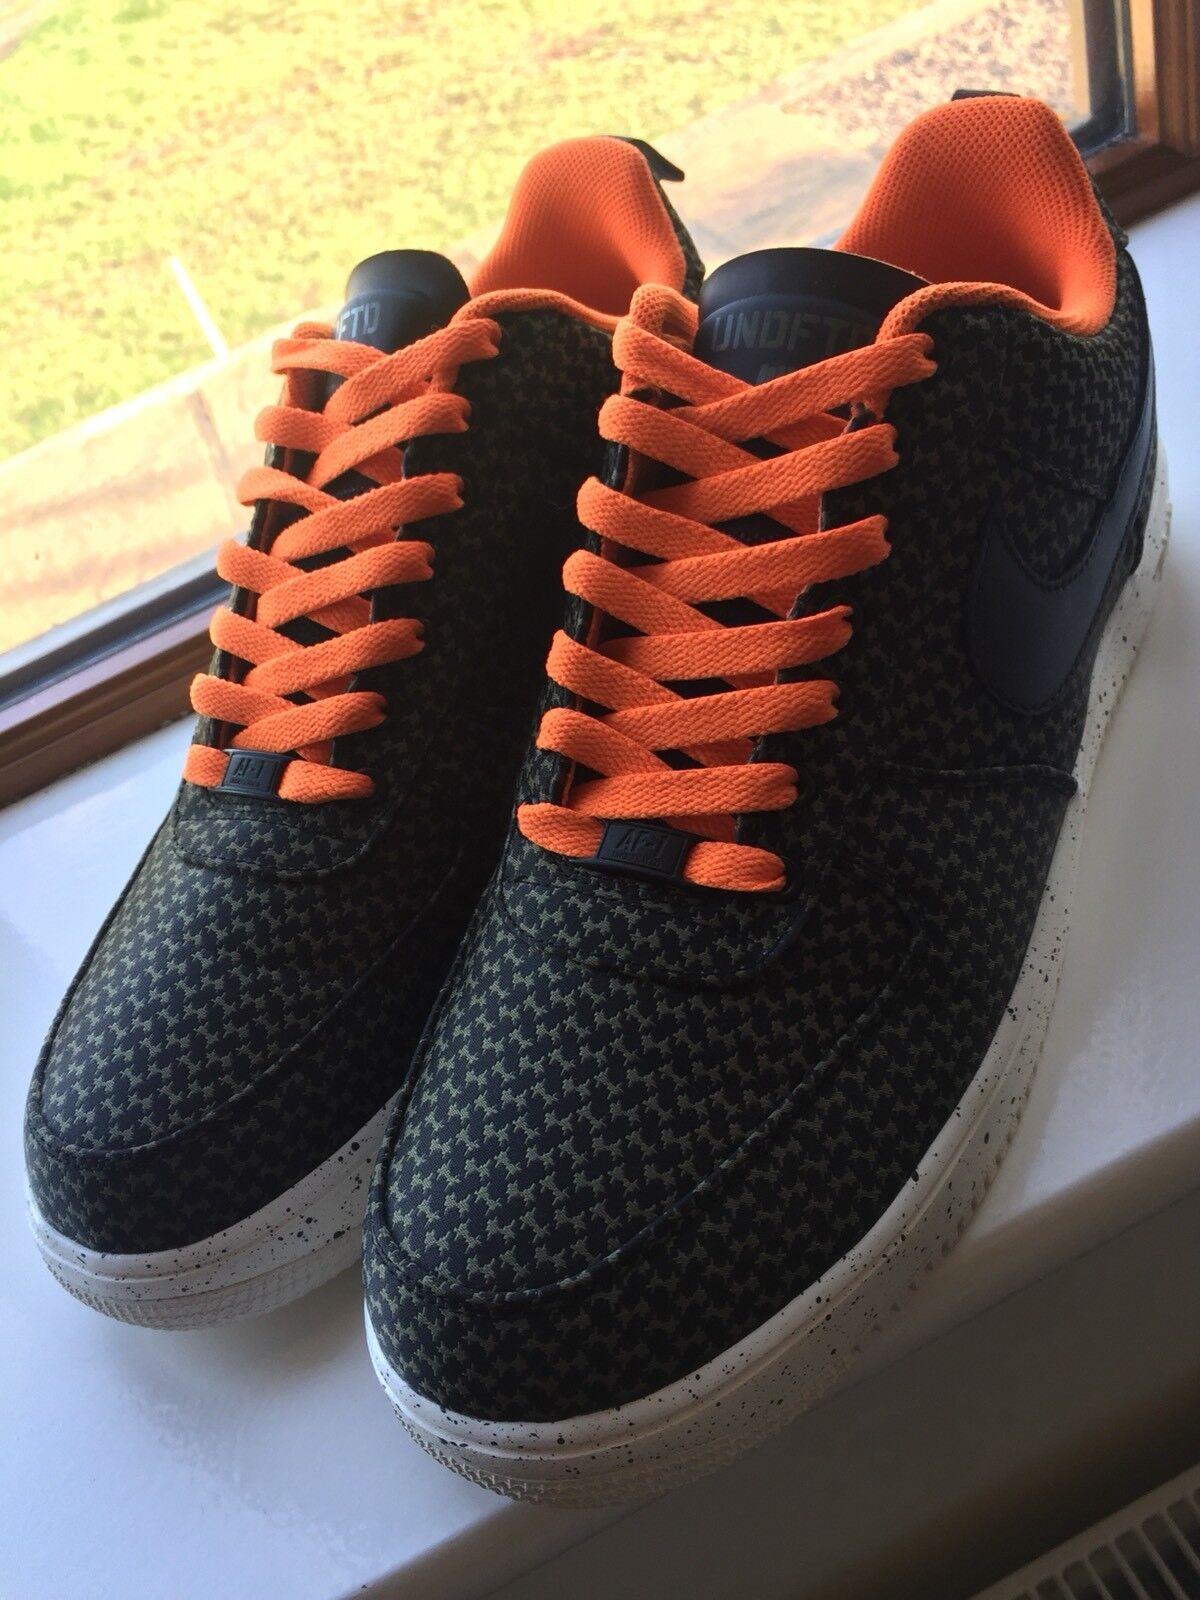 Nike Lunar Force 1 UNDFTD SP